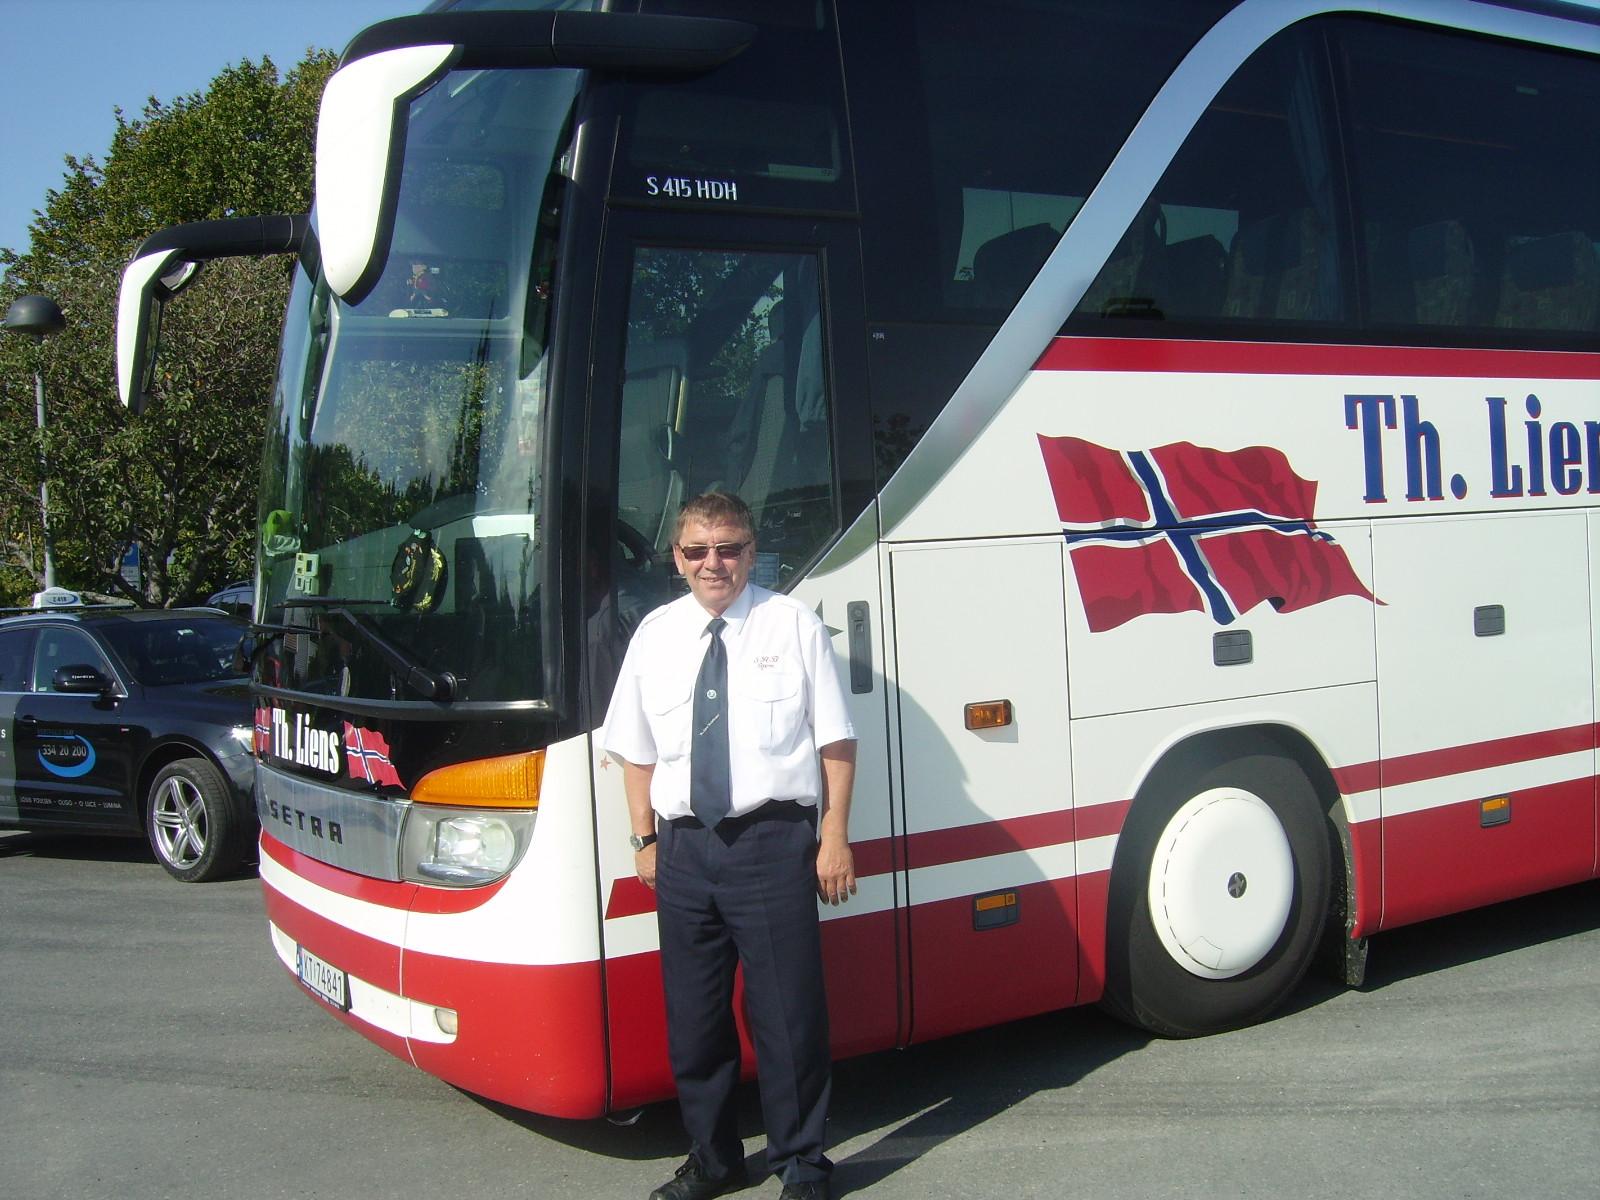 Bilde av Bussen og sjåføren.